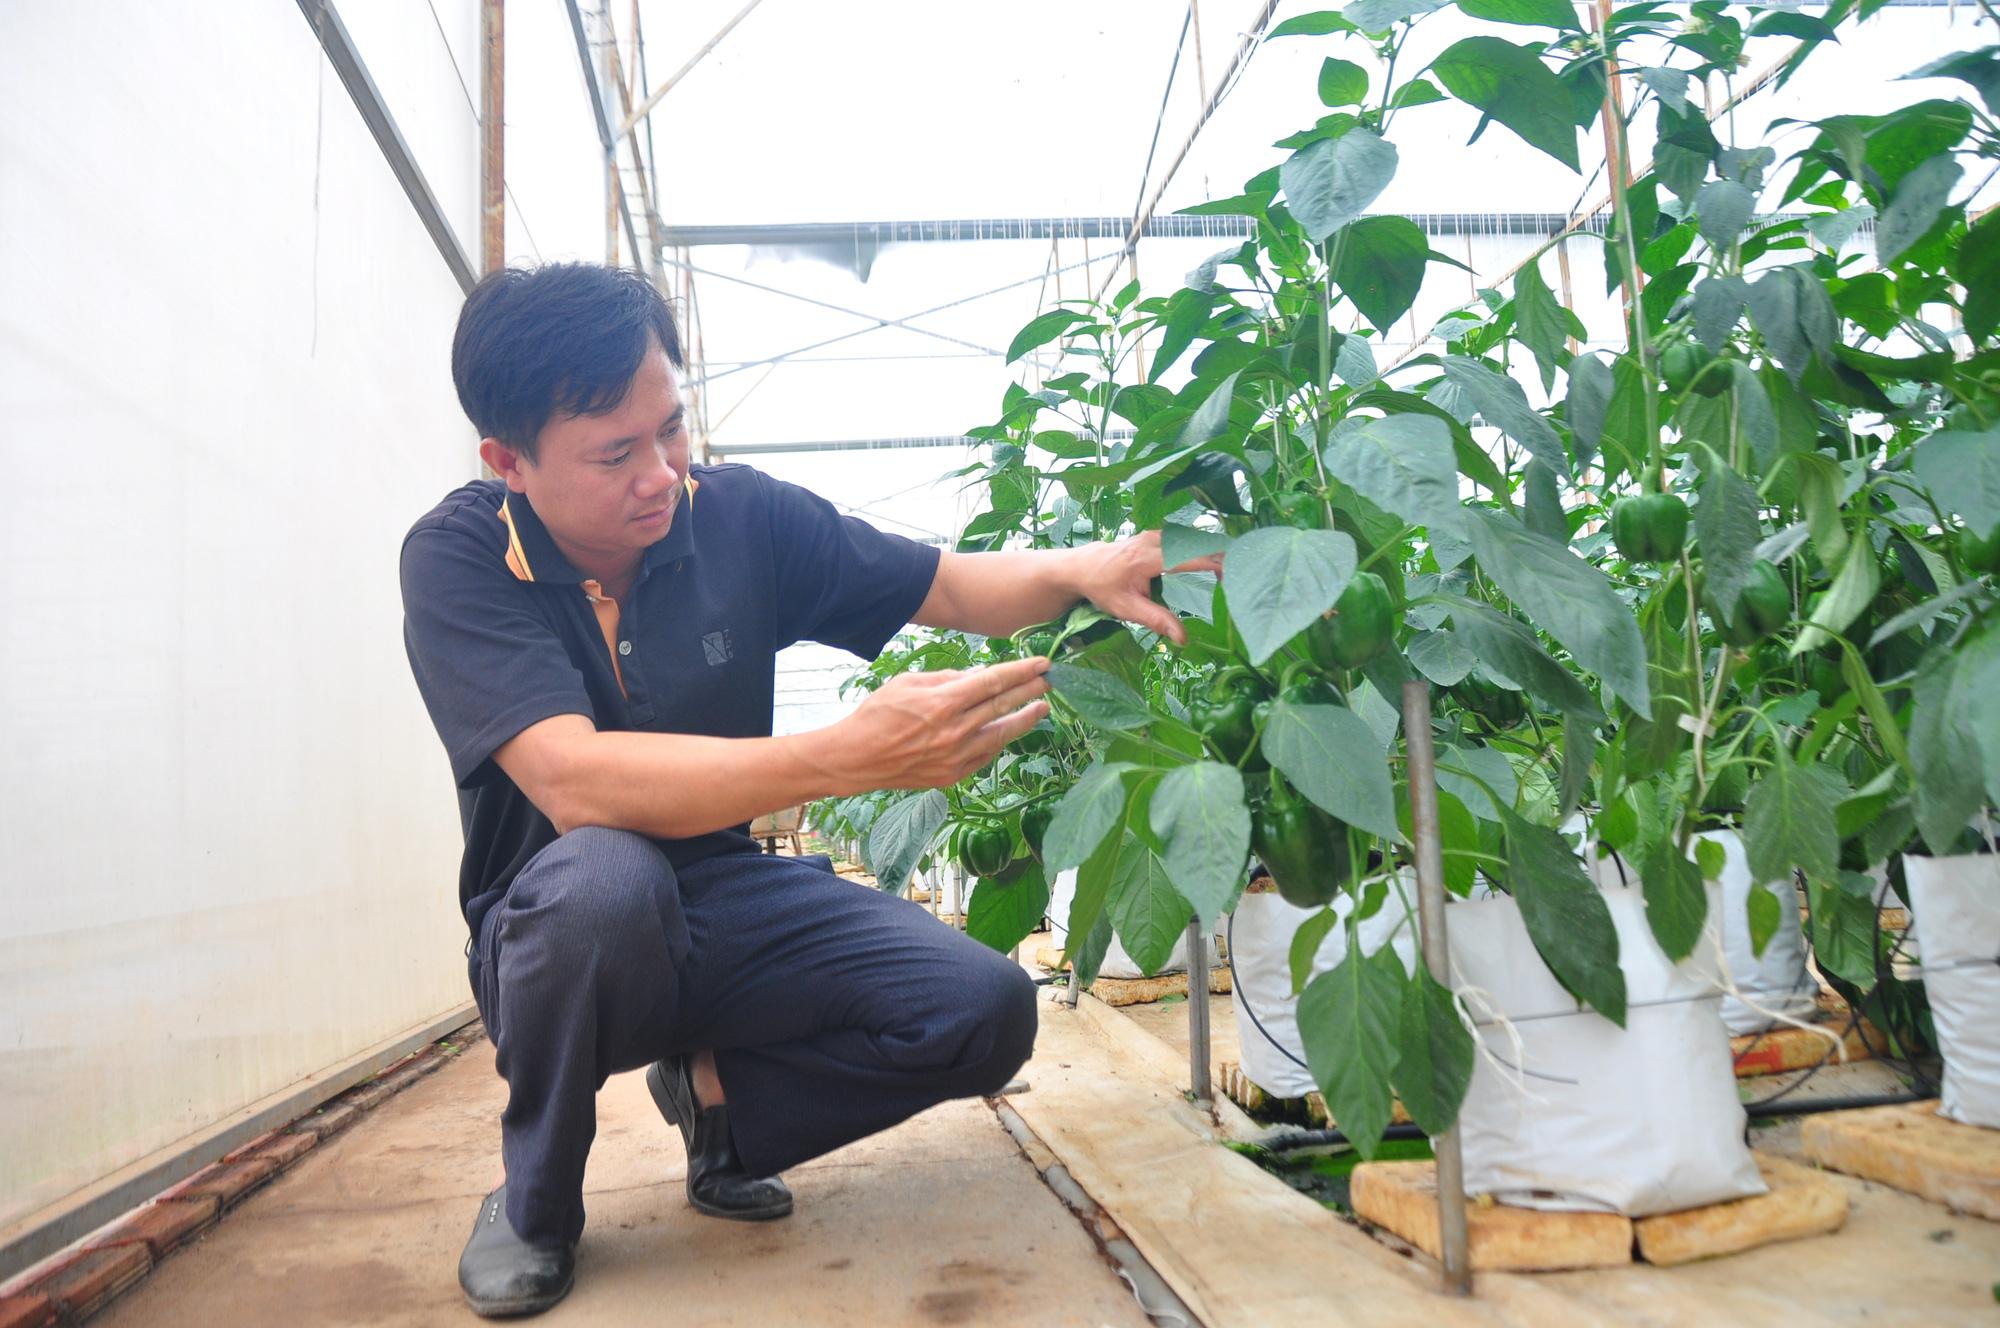 Hơn 15 năm phát triển NNCNC ở Lâm Đồng Bài 1: Người nông dân uống trà nhưng vẫn tưới được cây ngoài đồng - Ảnh 1.